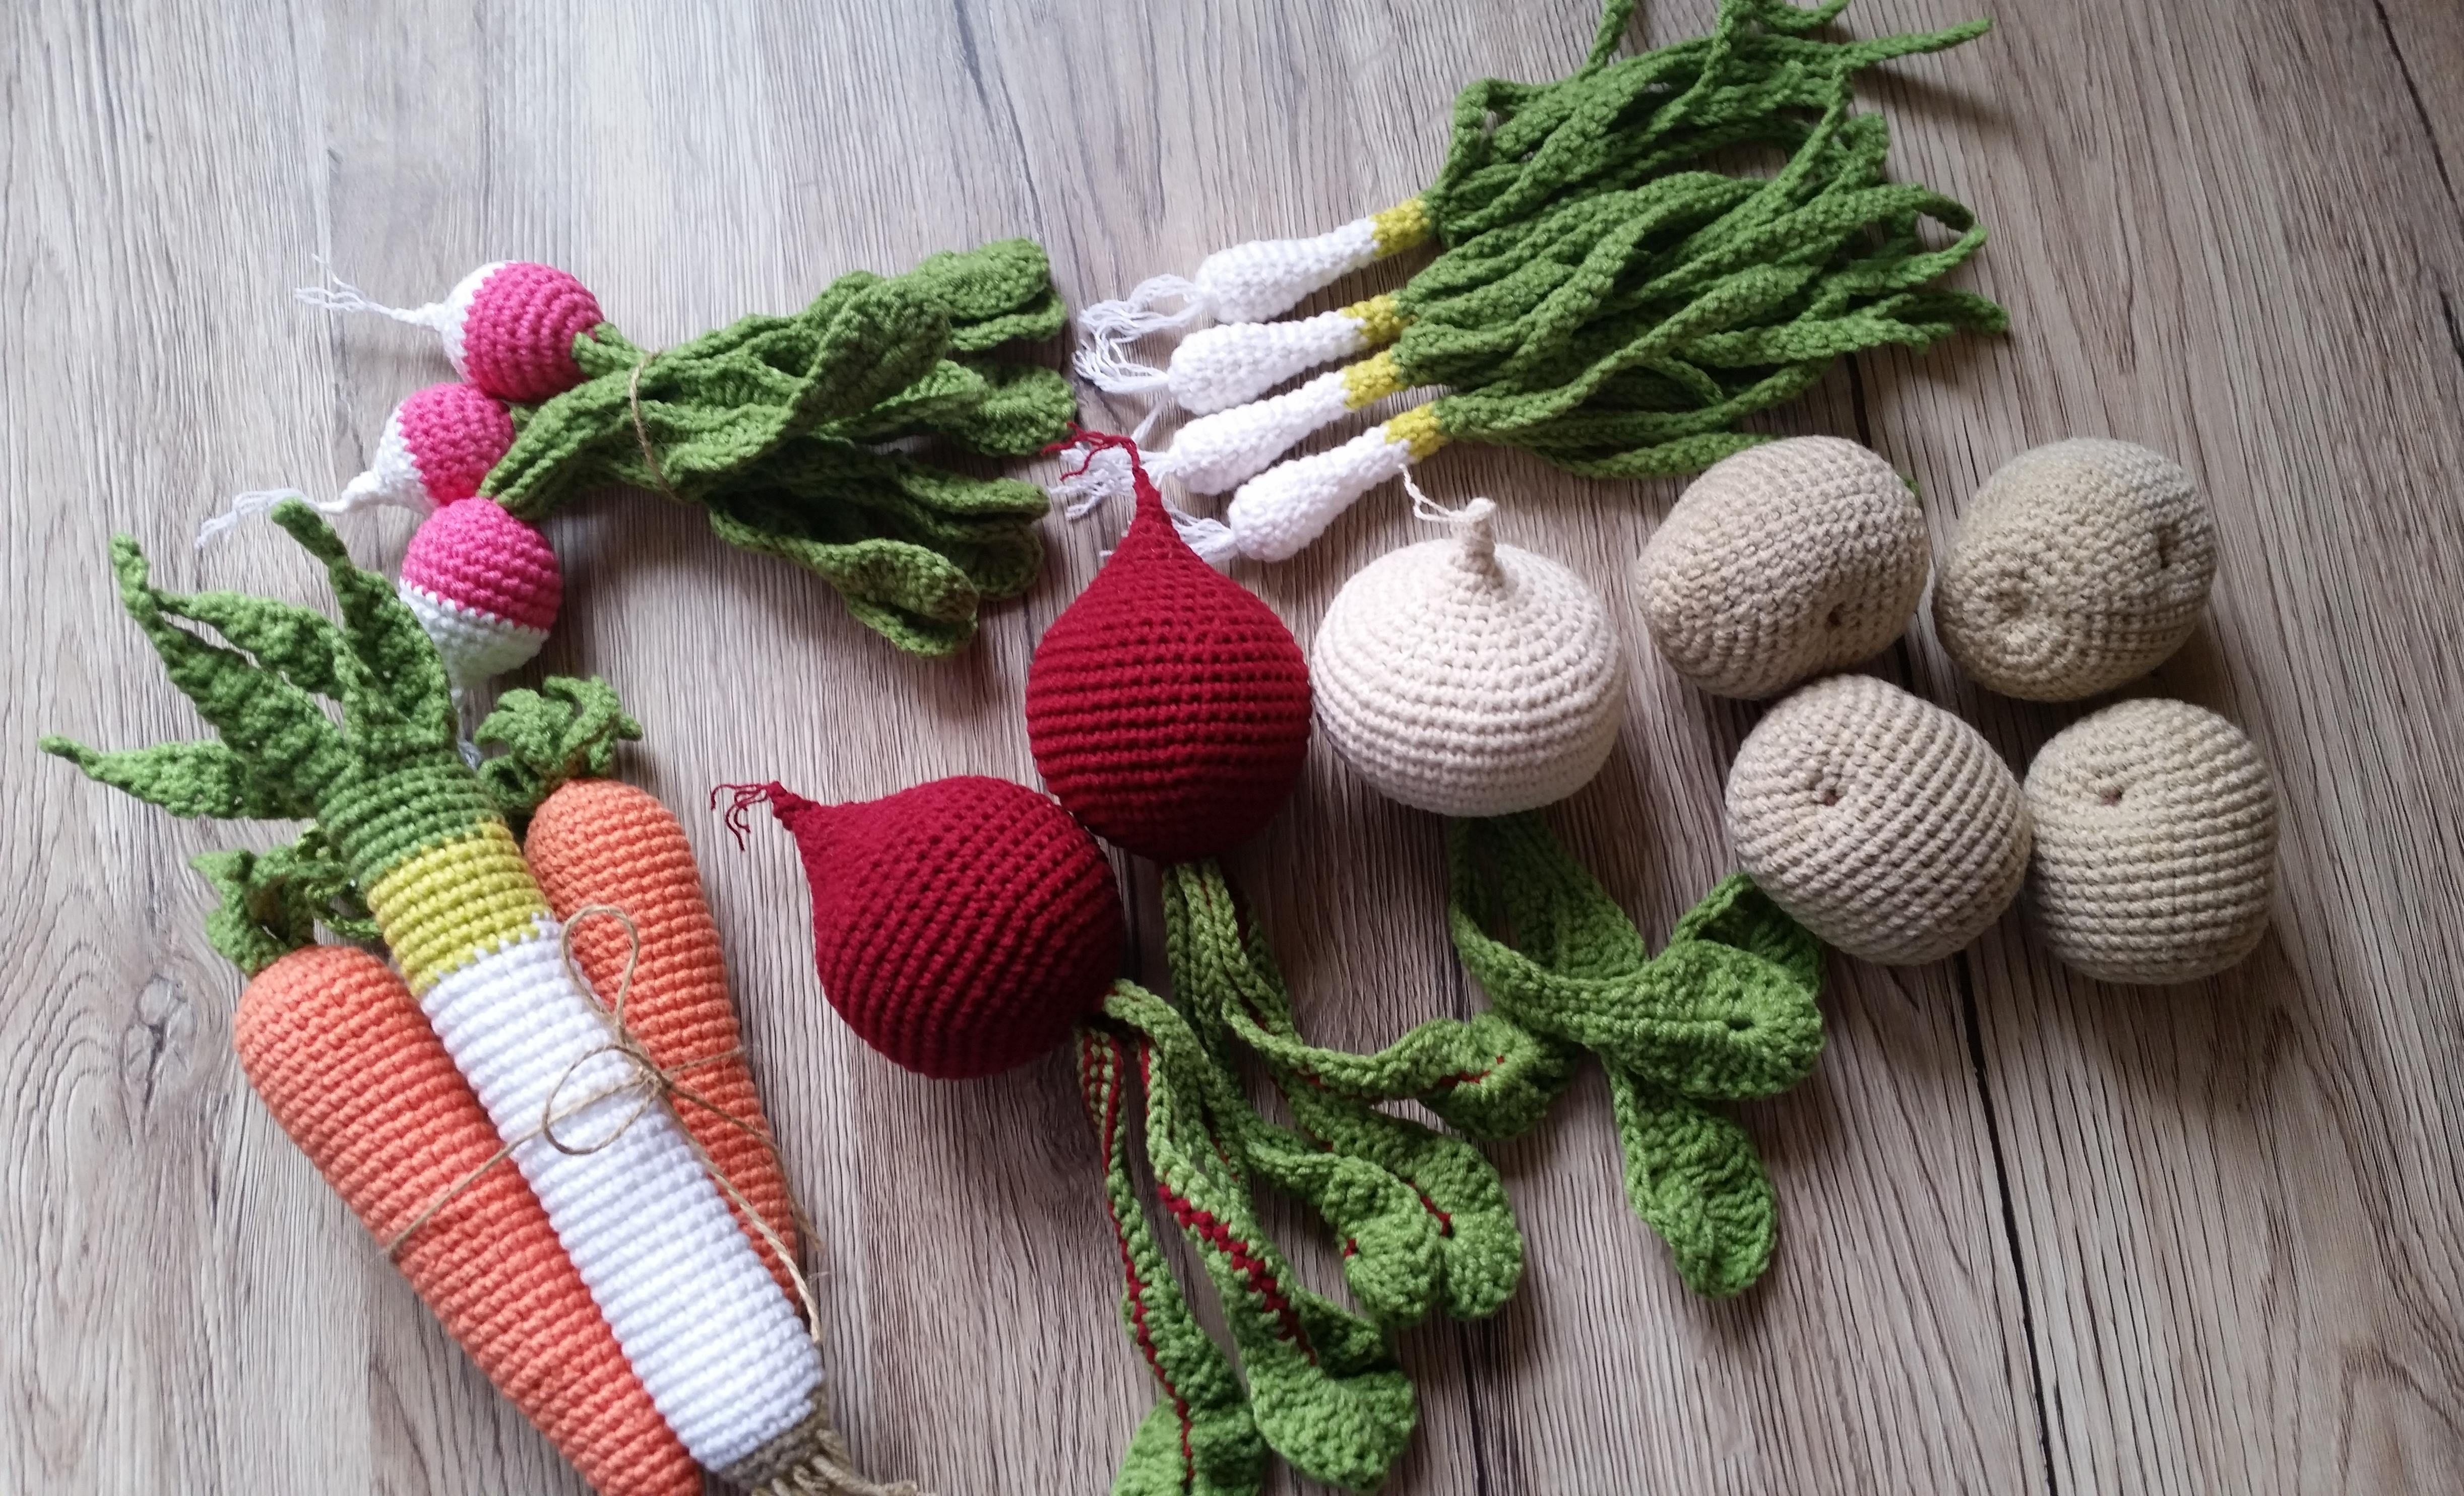 Szydelkowe Warzywa Jarzyny Zabawki Dla Dzieci Zabawki Edukacyjne Crochet Food Playfood Macrame Plant Hanger Christmas Ornaments Plant Hanger